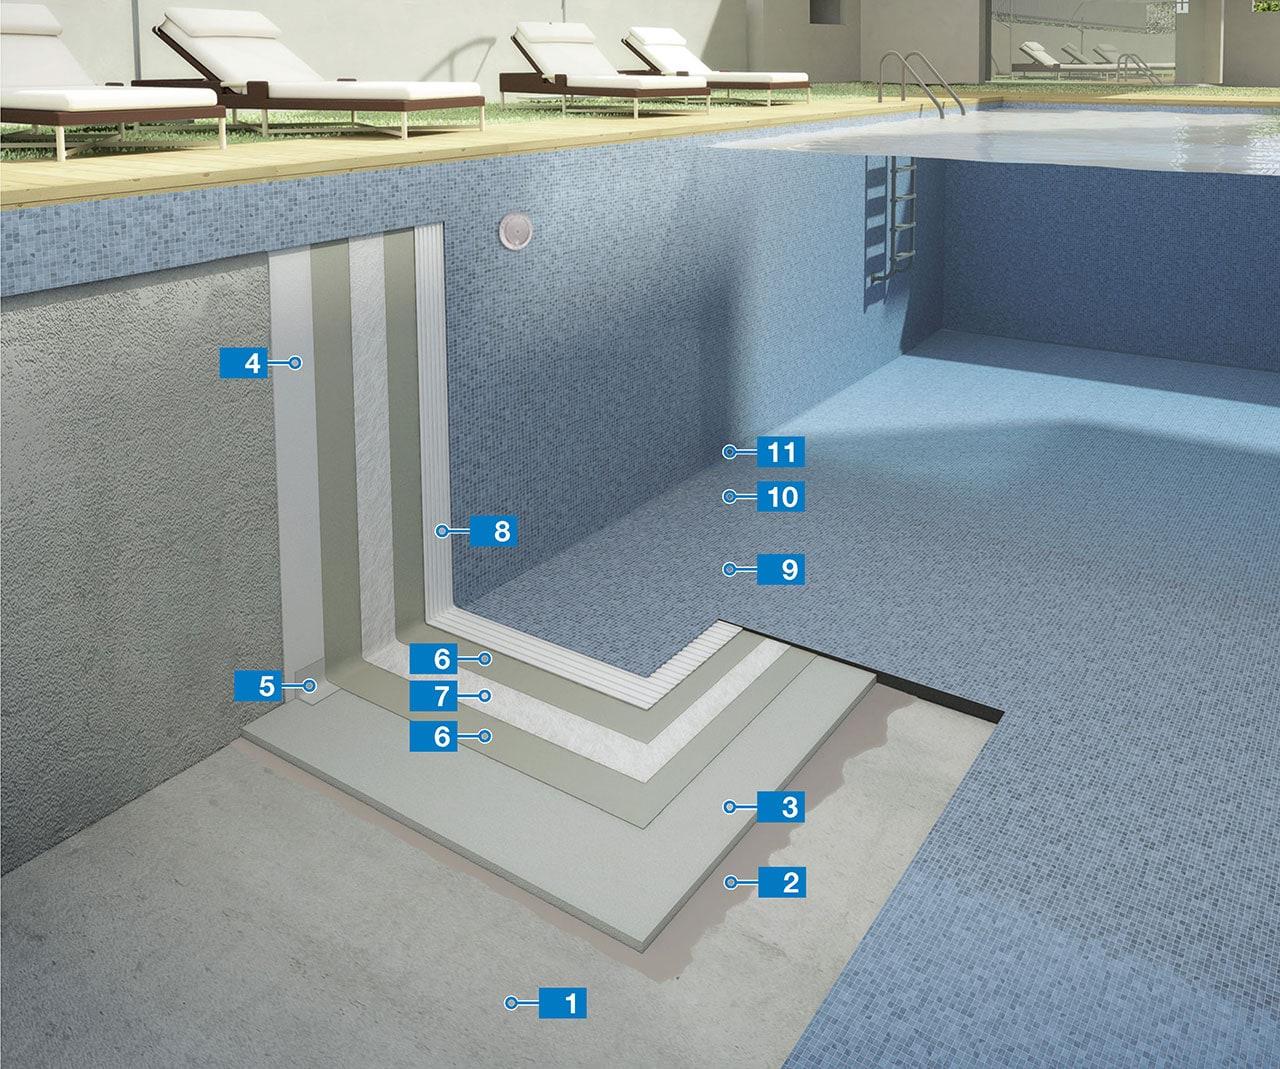 Sistema per l impermeabilizzazione e la posa di mosaico vetroso in piscina mapei - Posa piastrelle mosaico ...